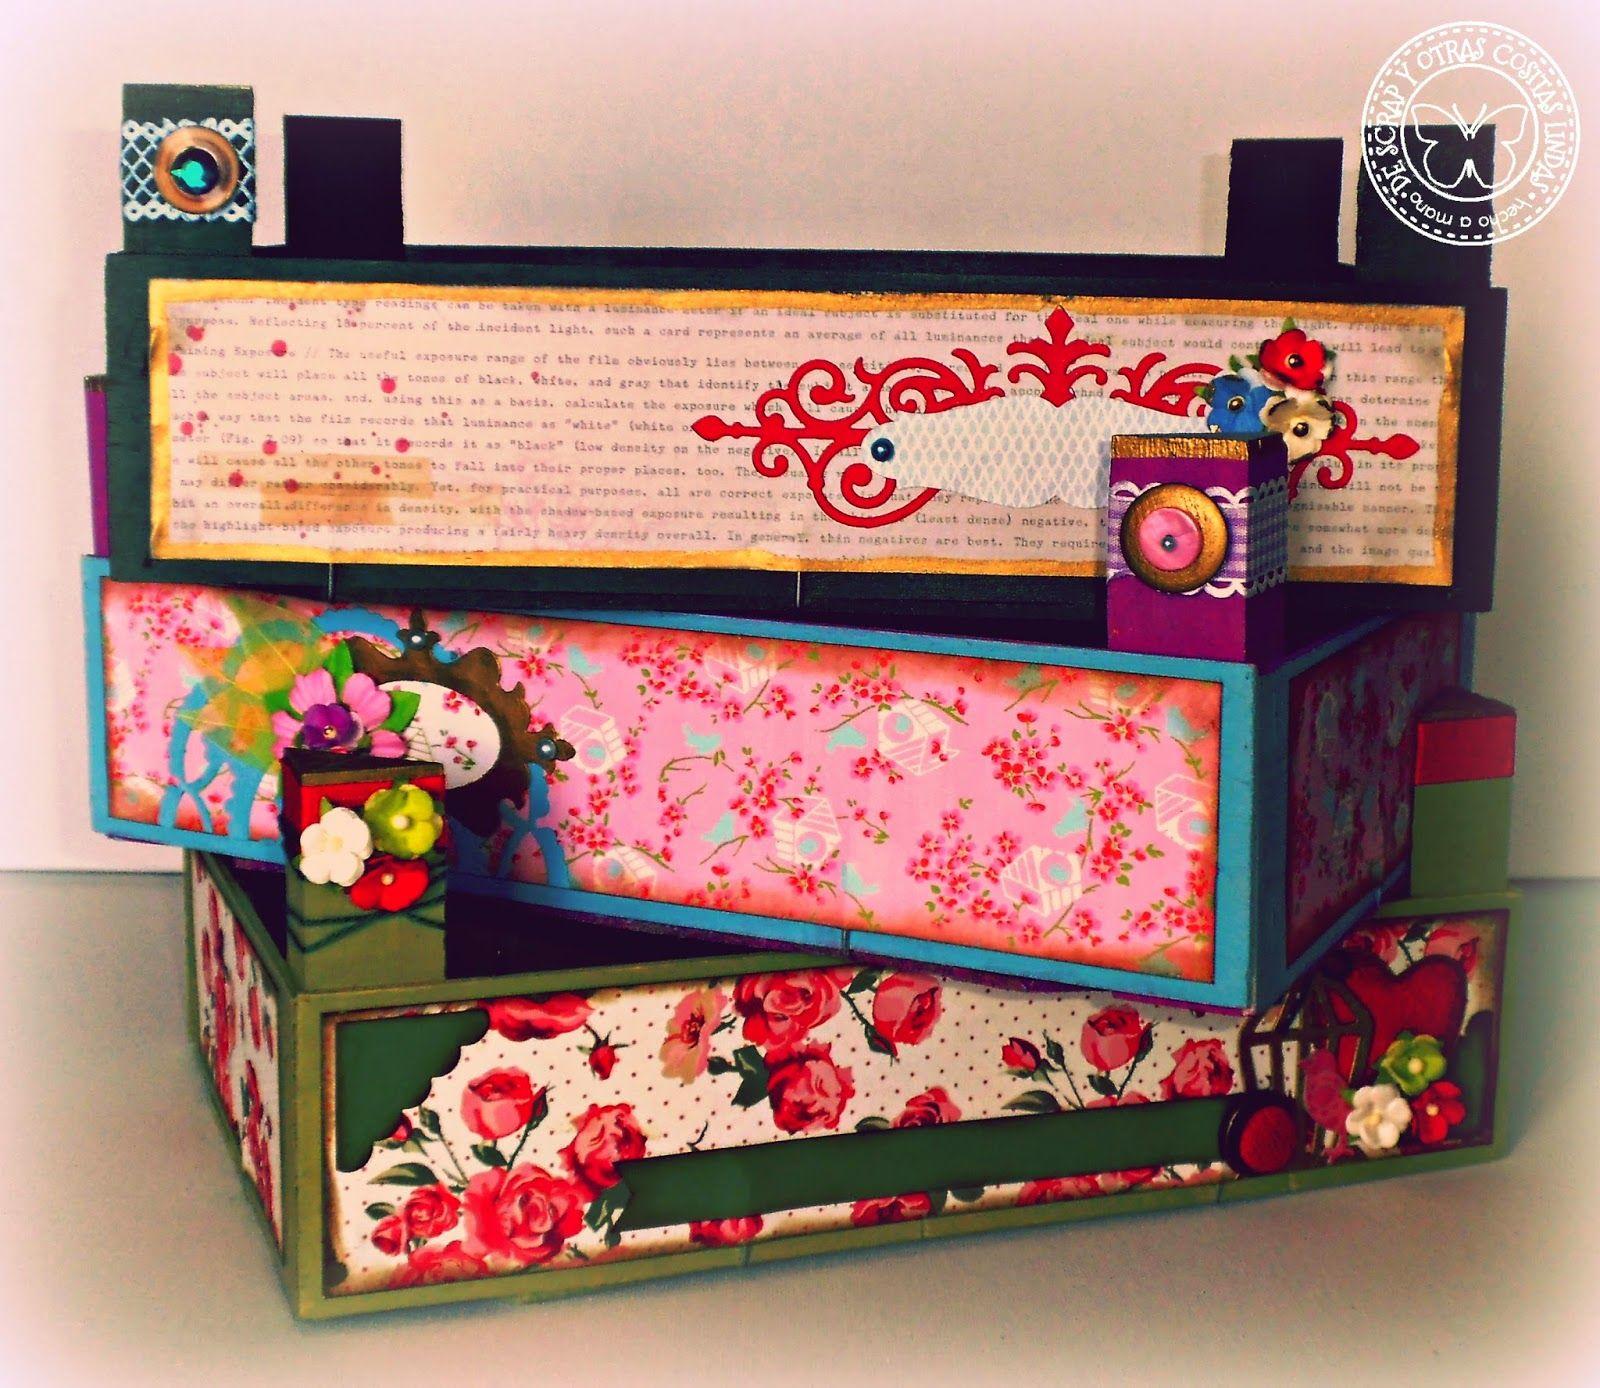 De scrap y otras cositas lindas m s cajas de fresas - Como decorar una caja de metal ...